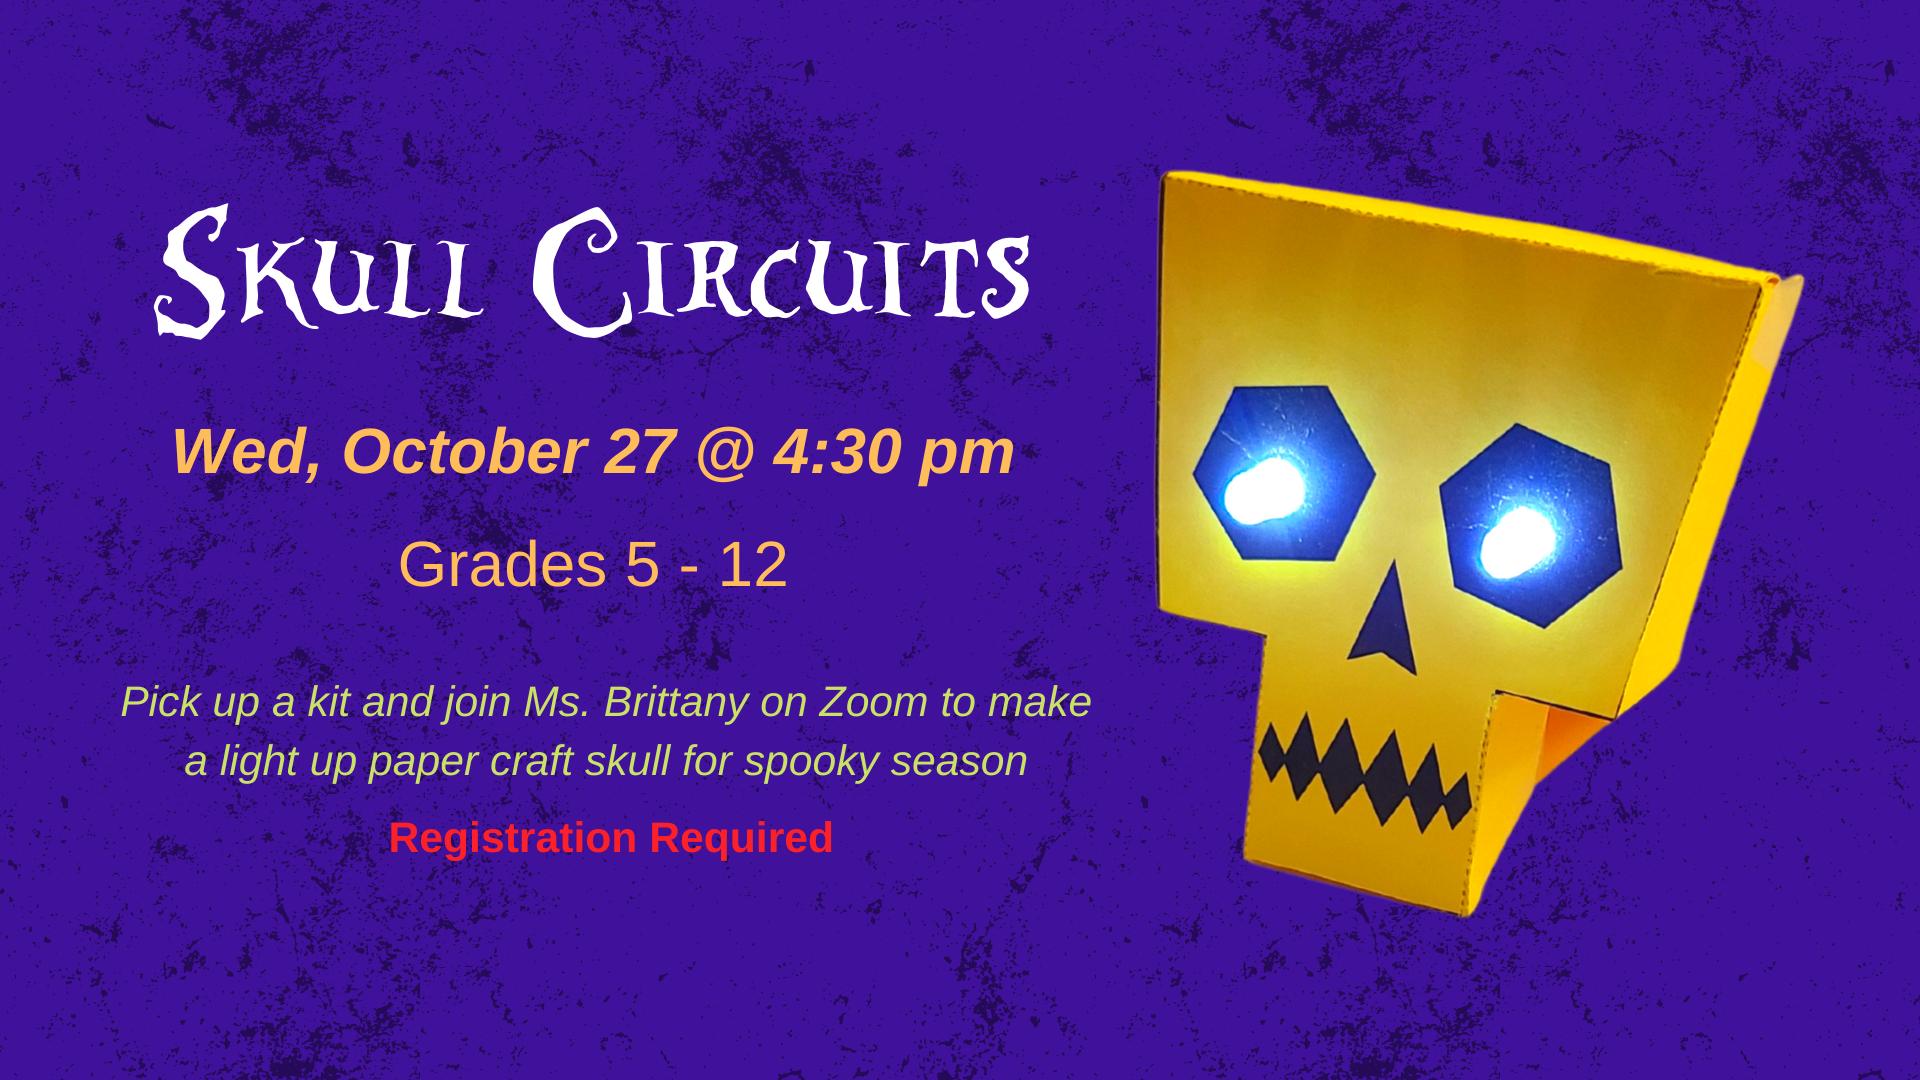 Skull Circuits